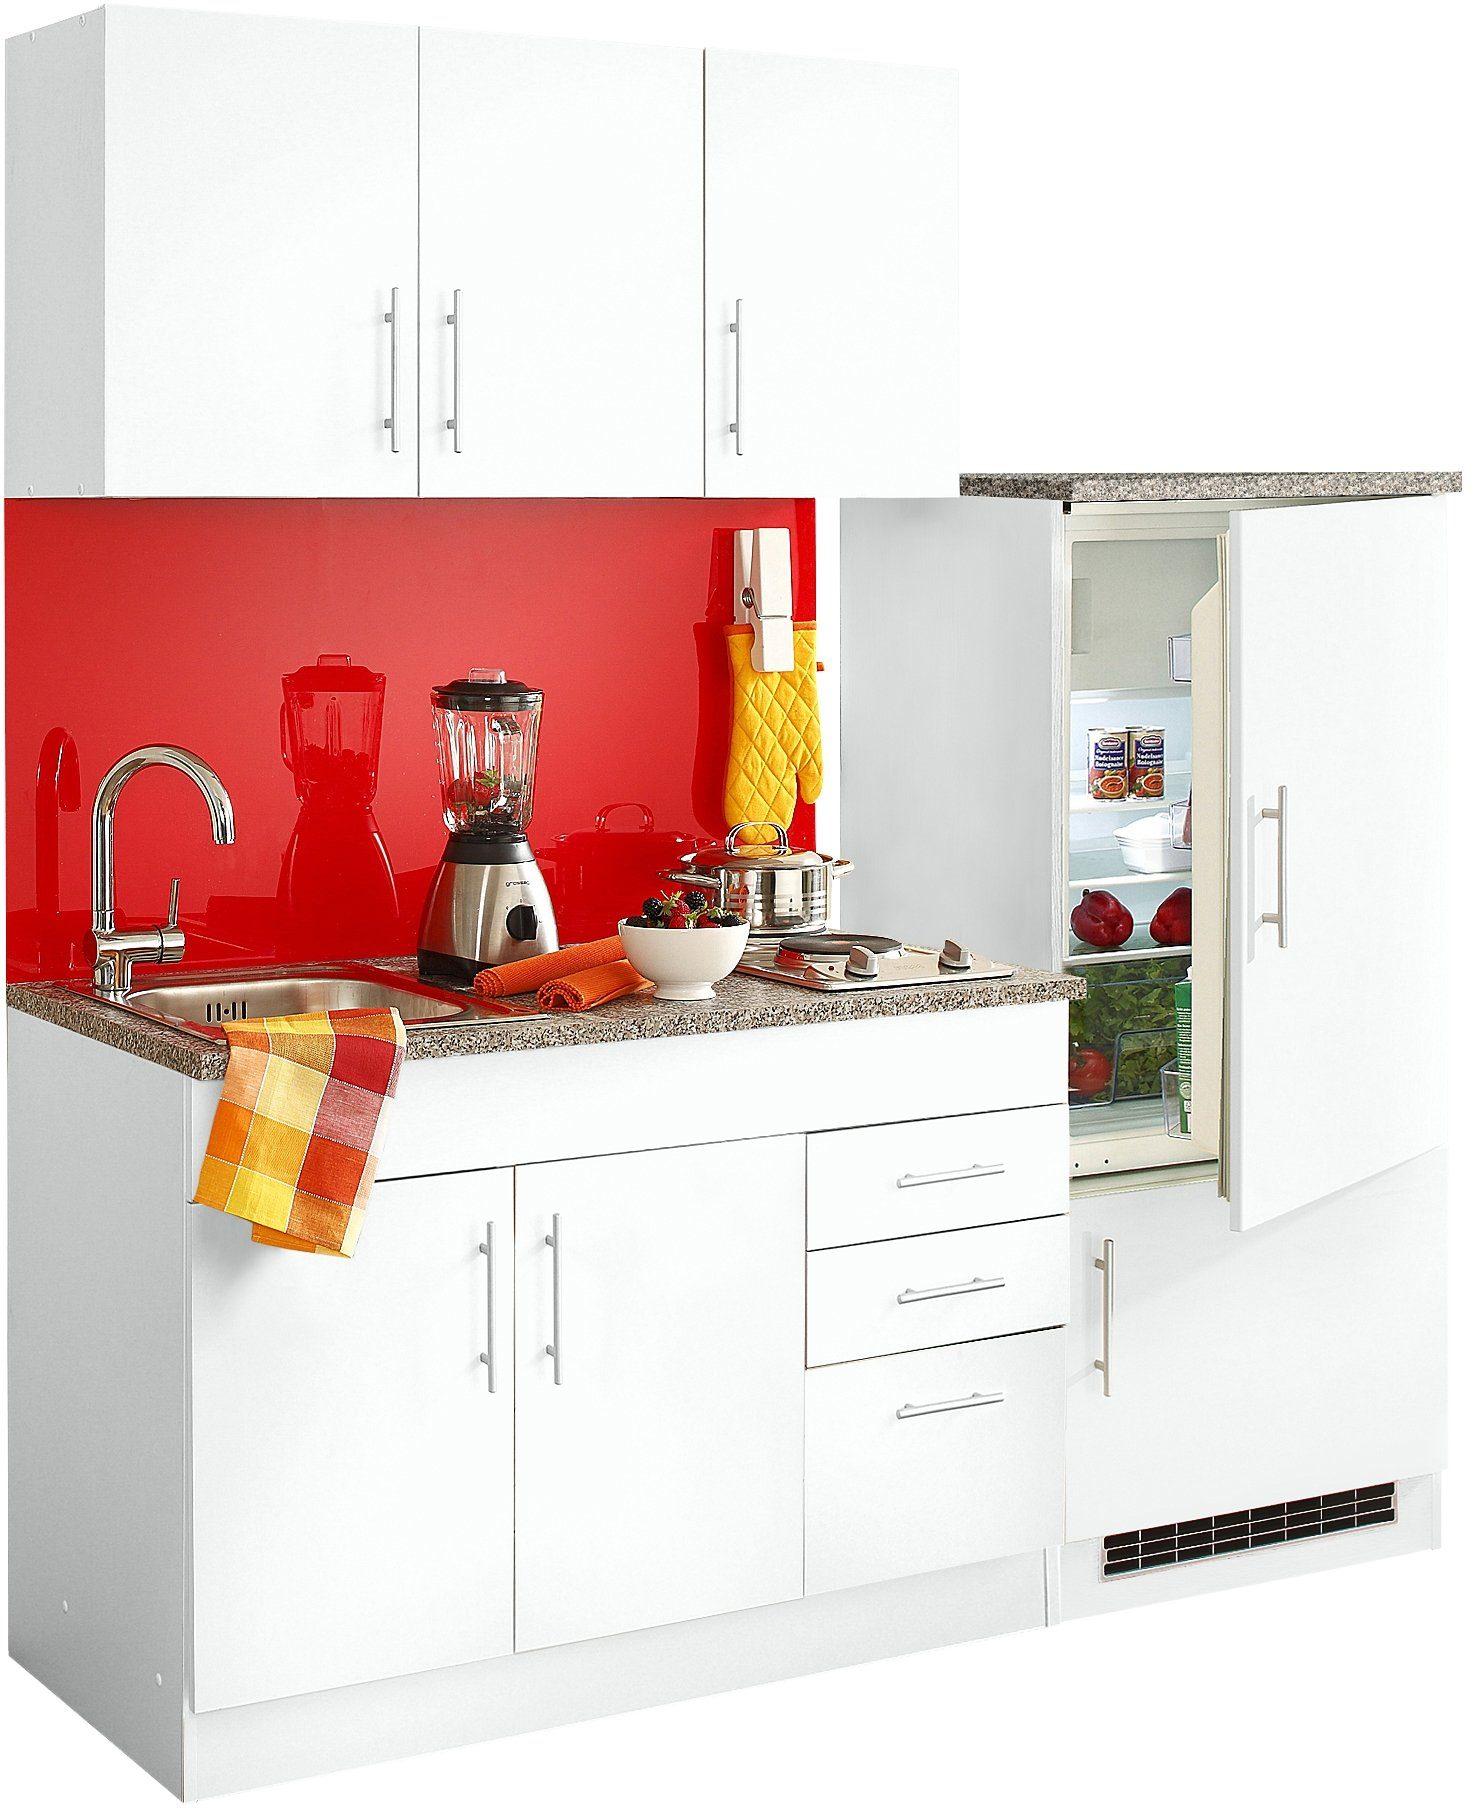 Hervorragend Küchenzeile mit Geräten kaufen » Küchenblöcke | OTTO PK93